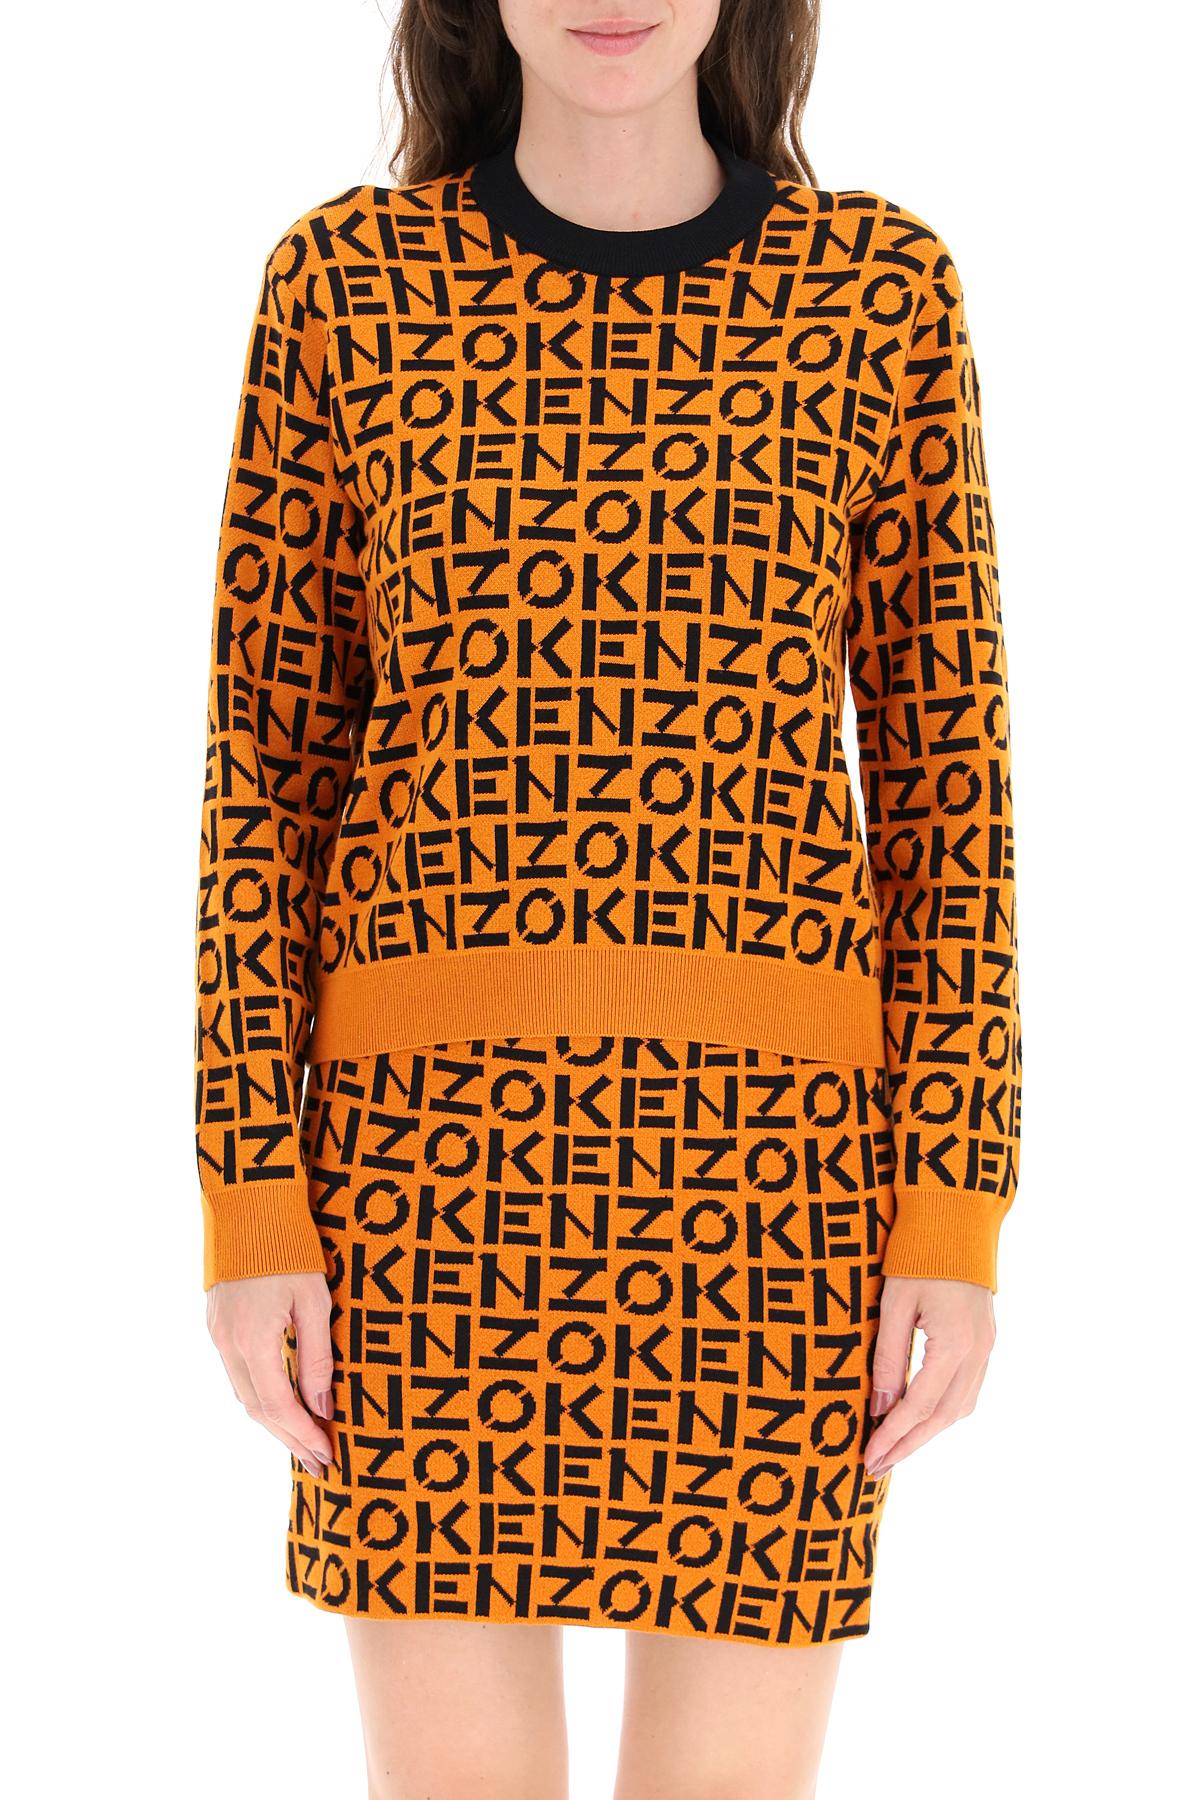 Kenzo maglione con logo all over